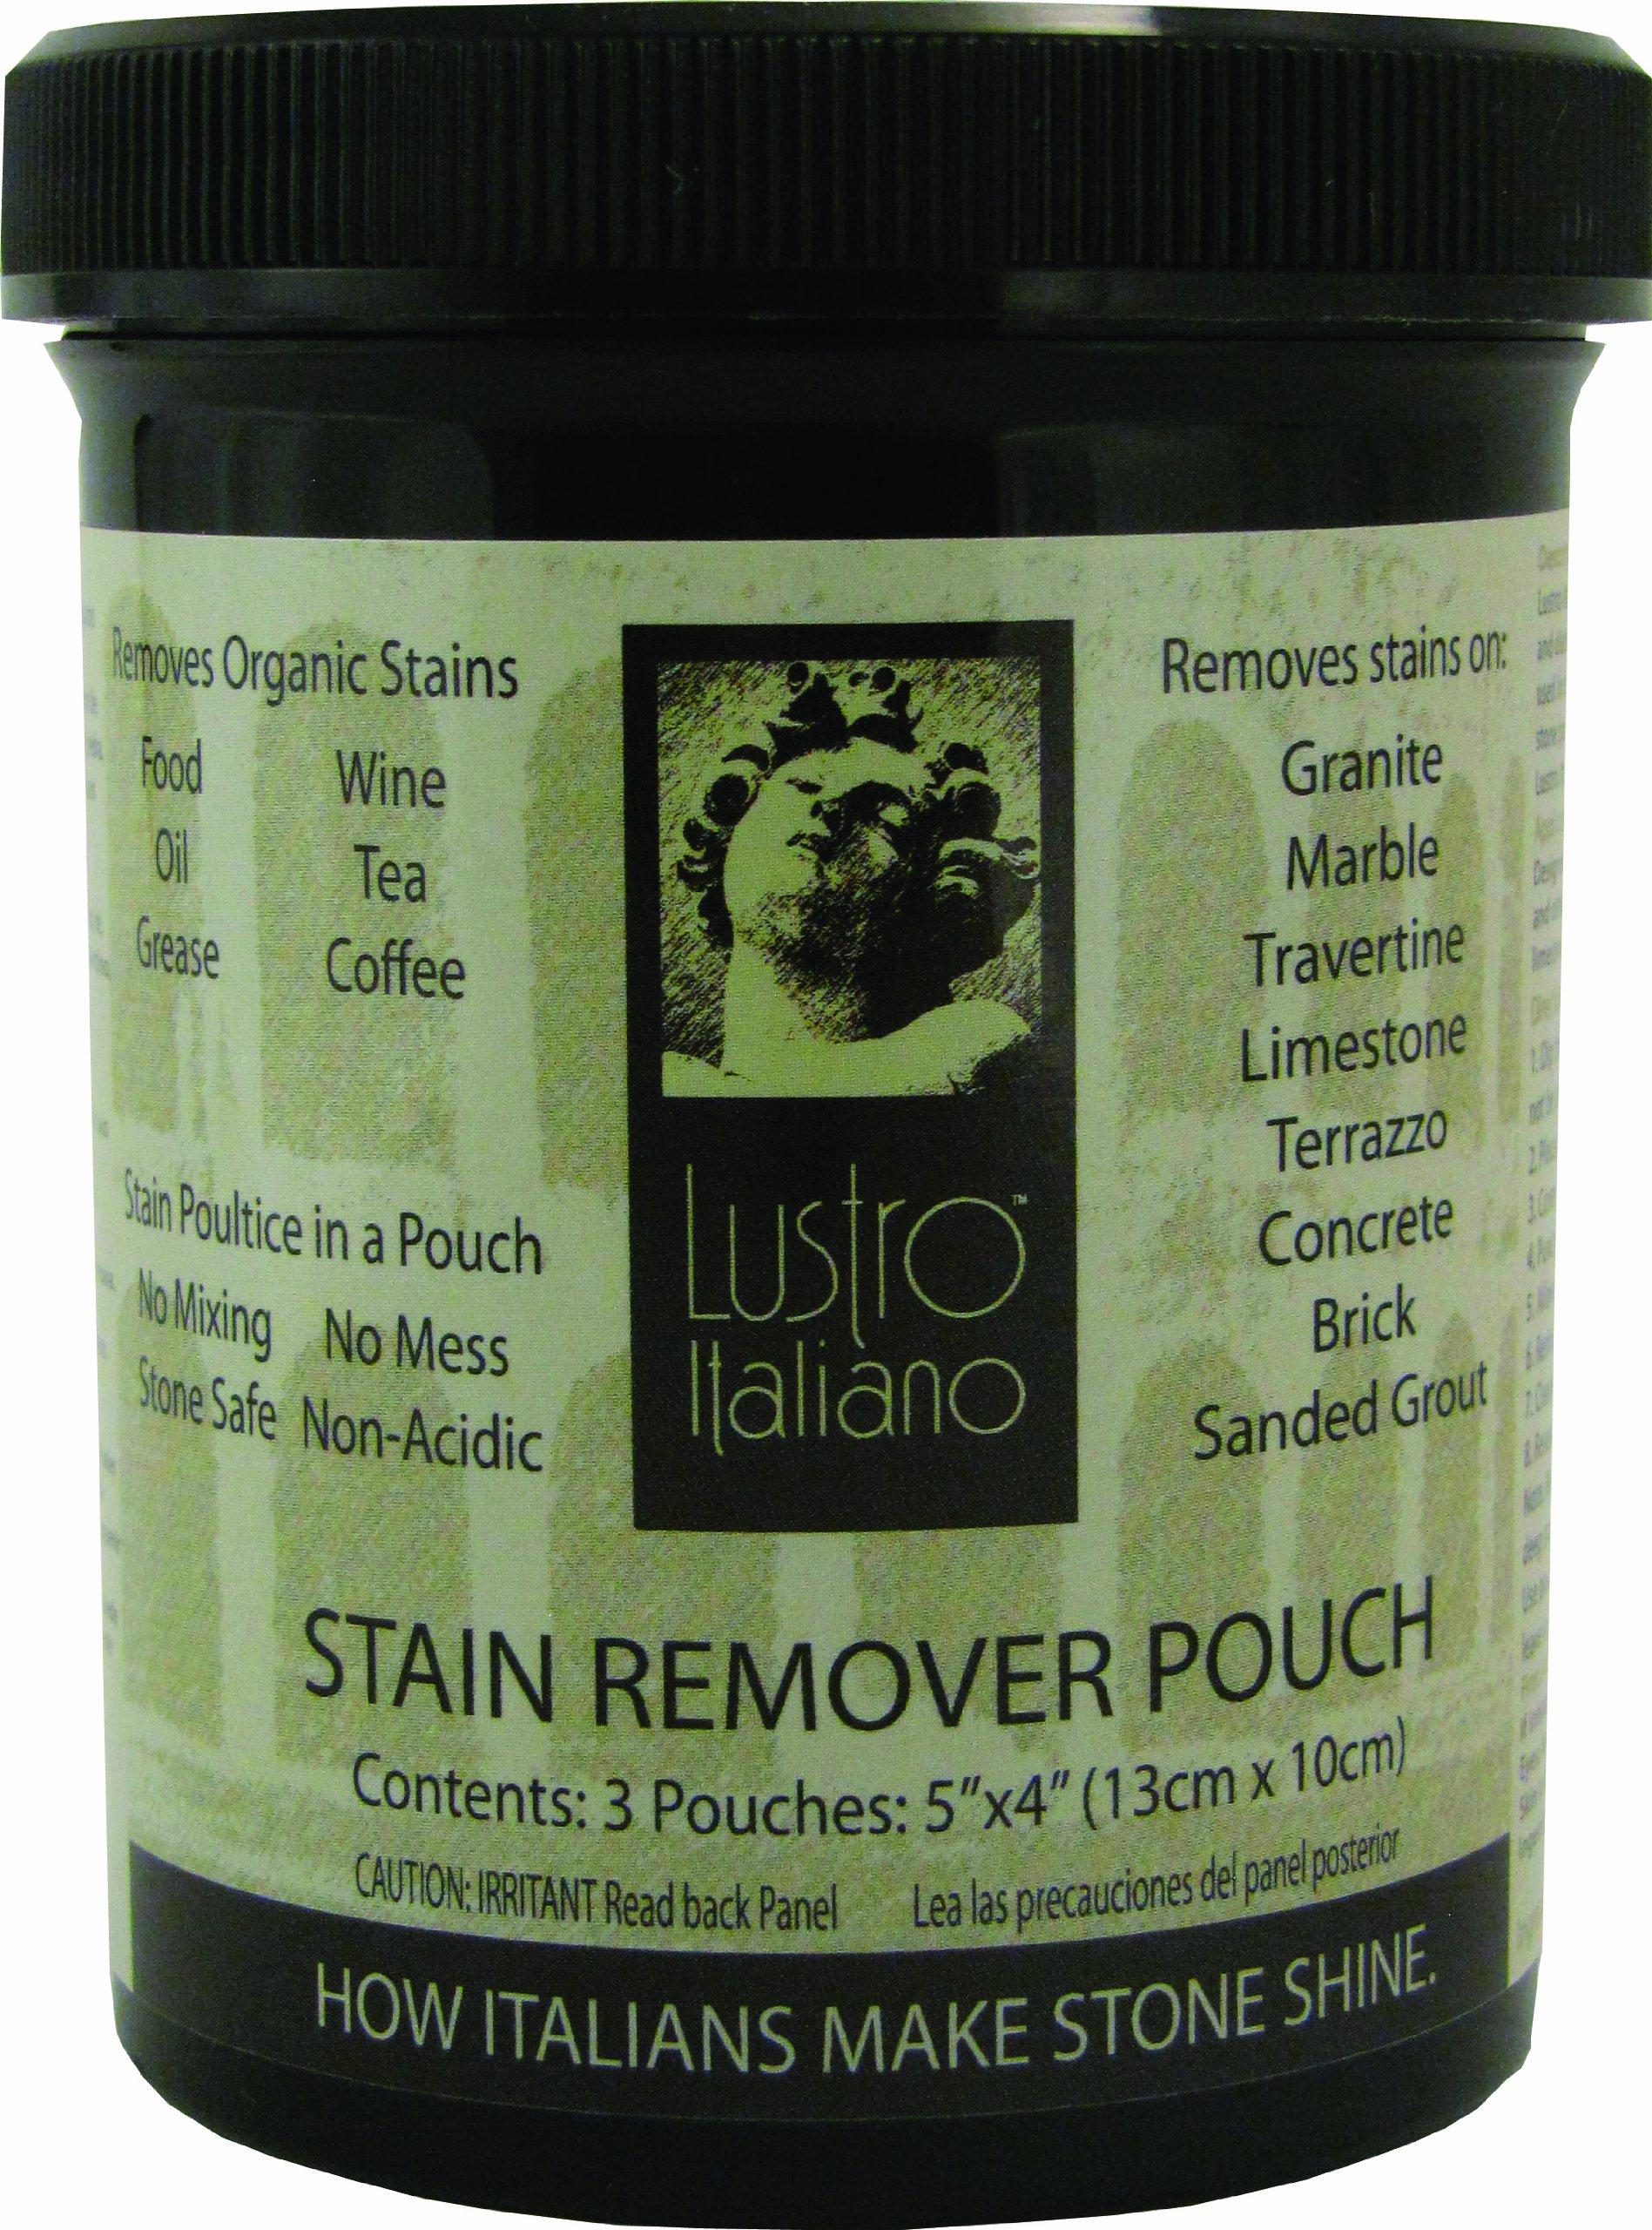 Lustro Italiano Poultice Pouch, 3-Pouch